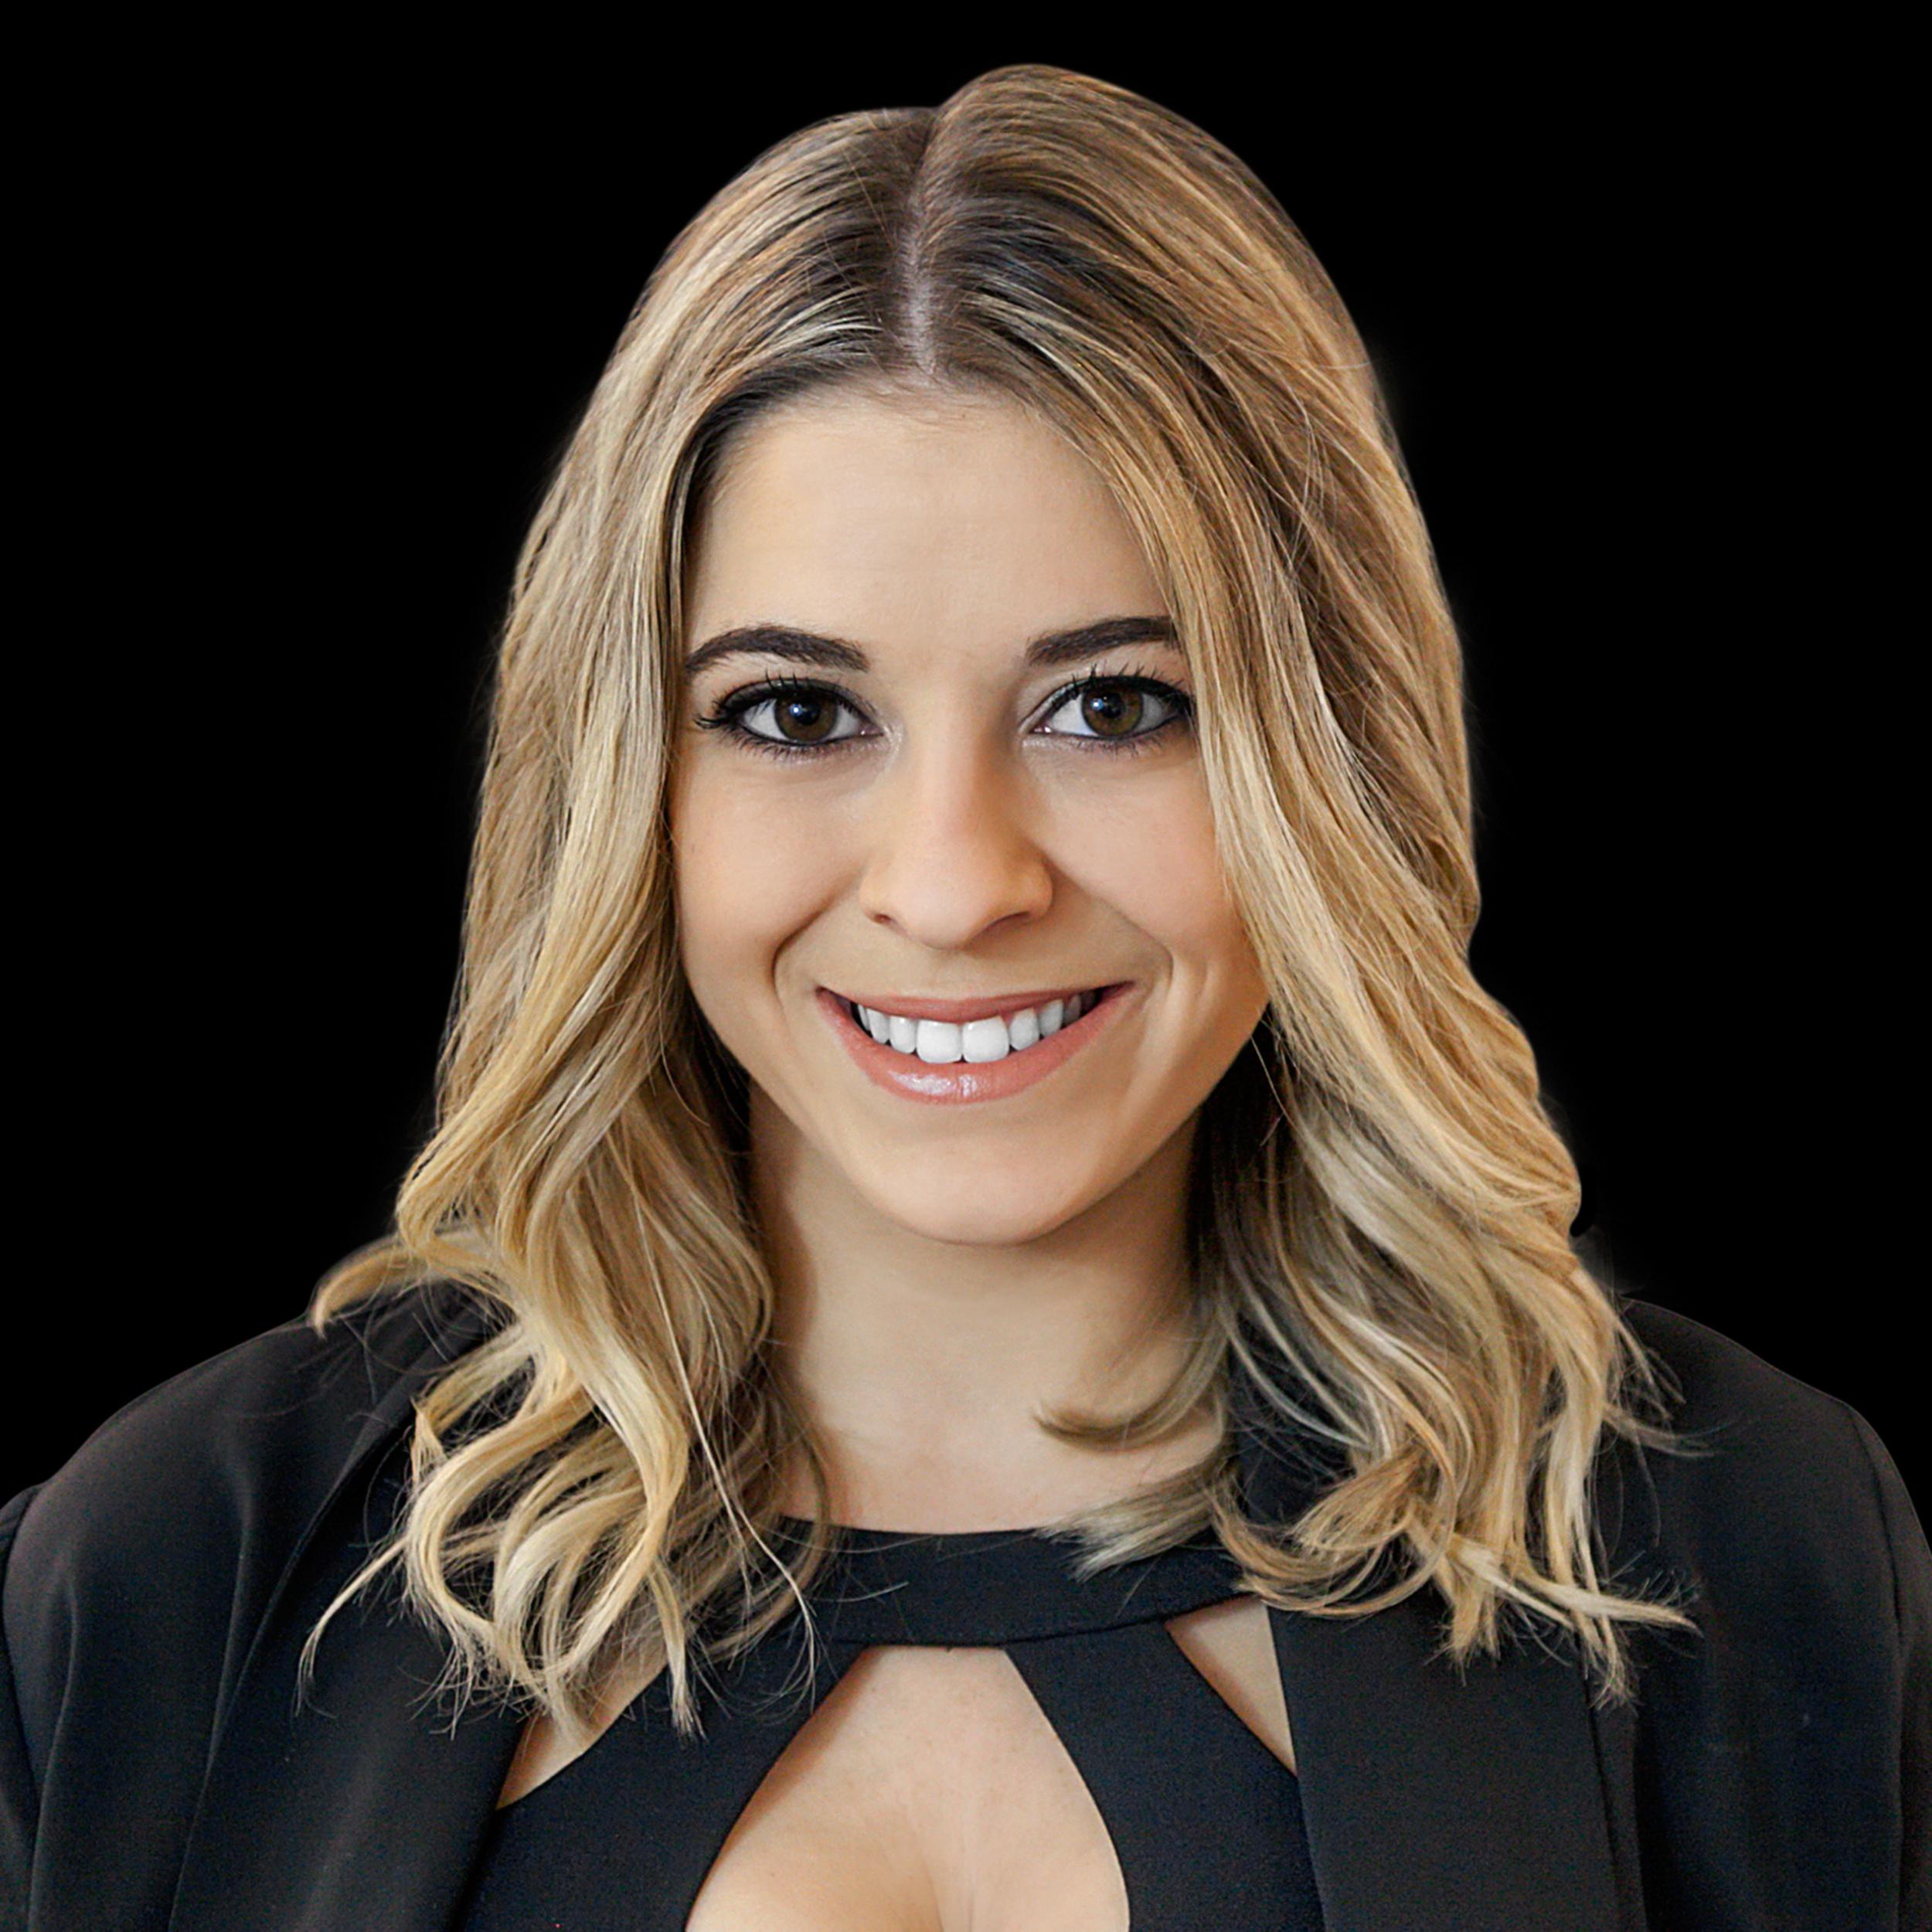 Lauren Iaquinta